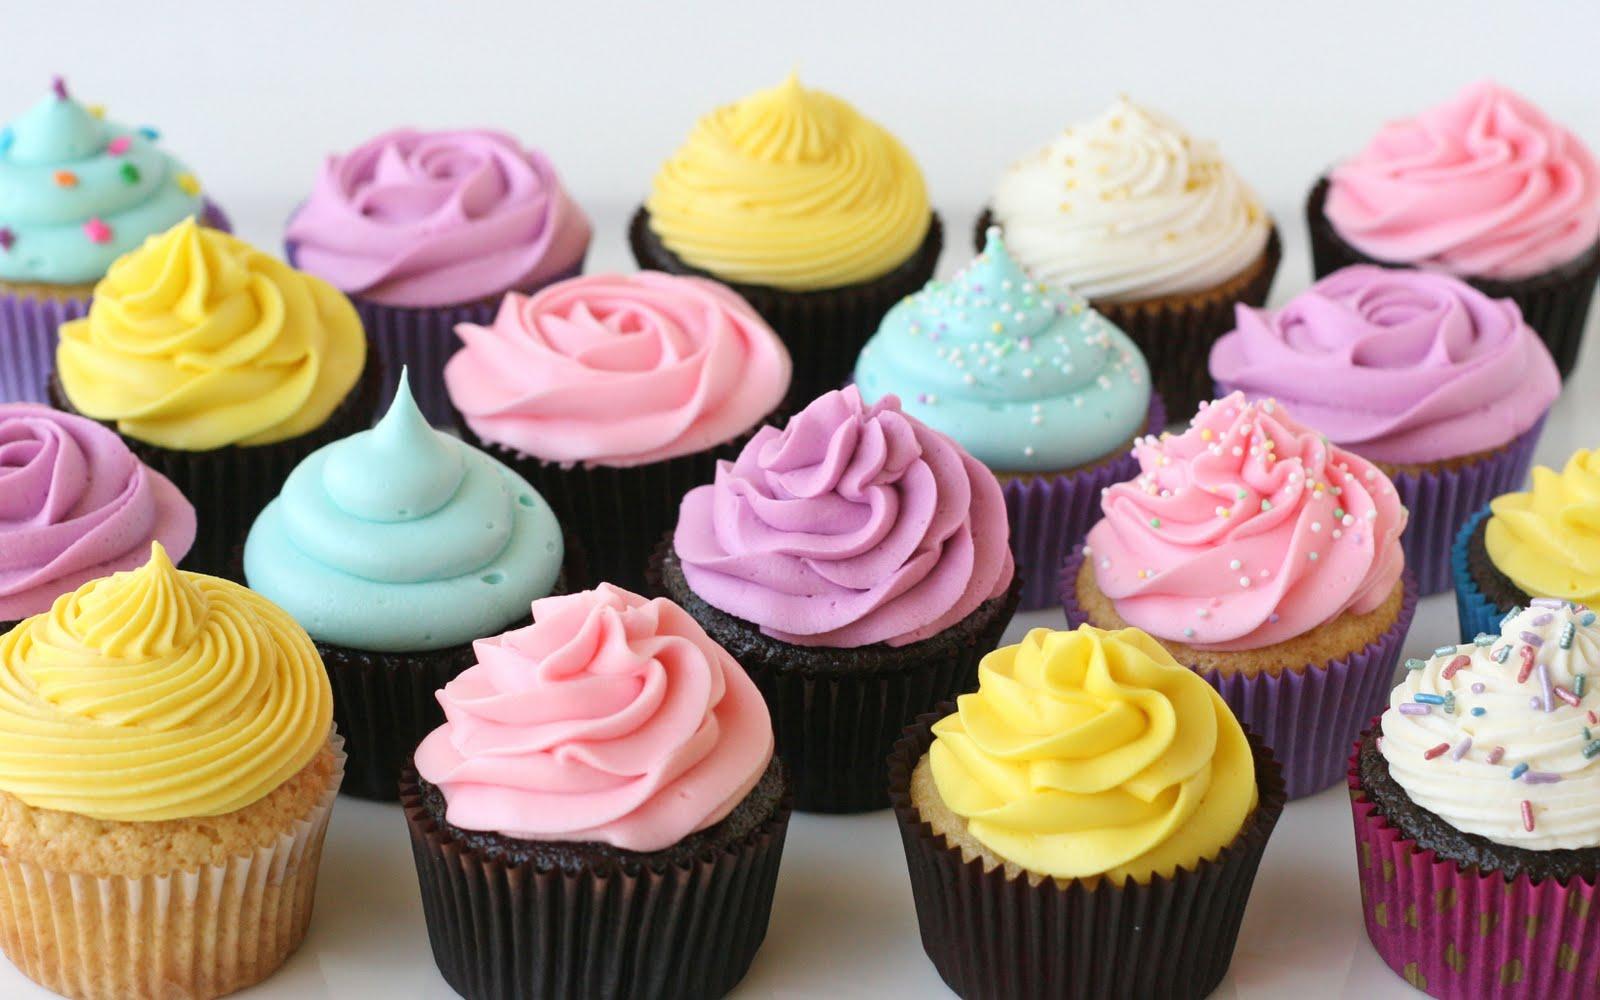 Aneka cupcake dan muffin murah